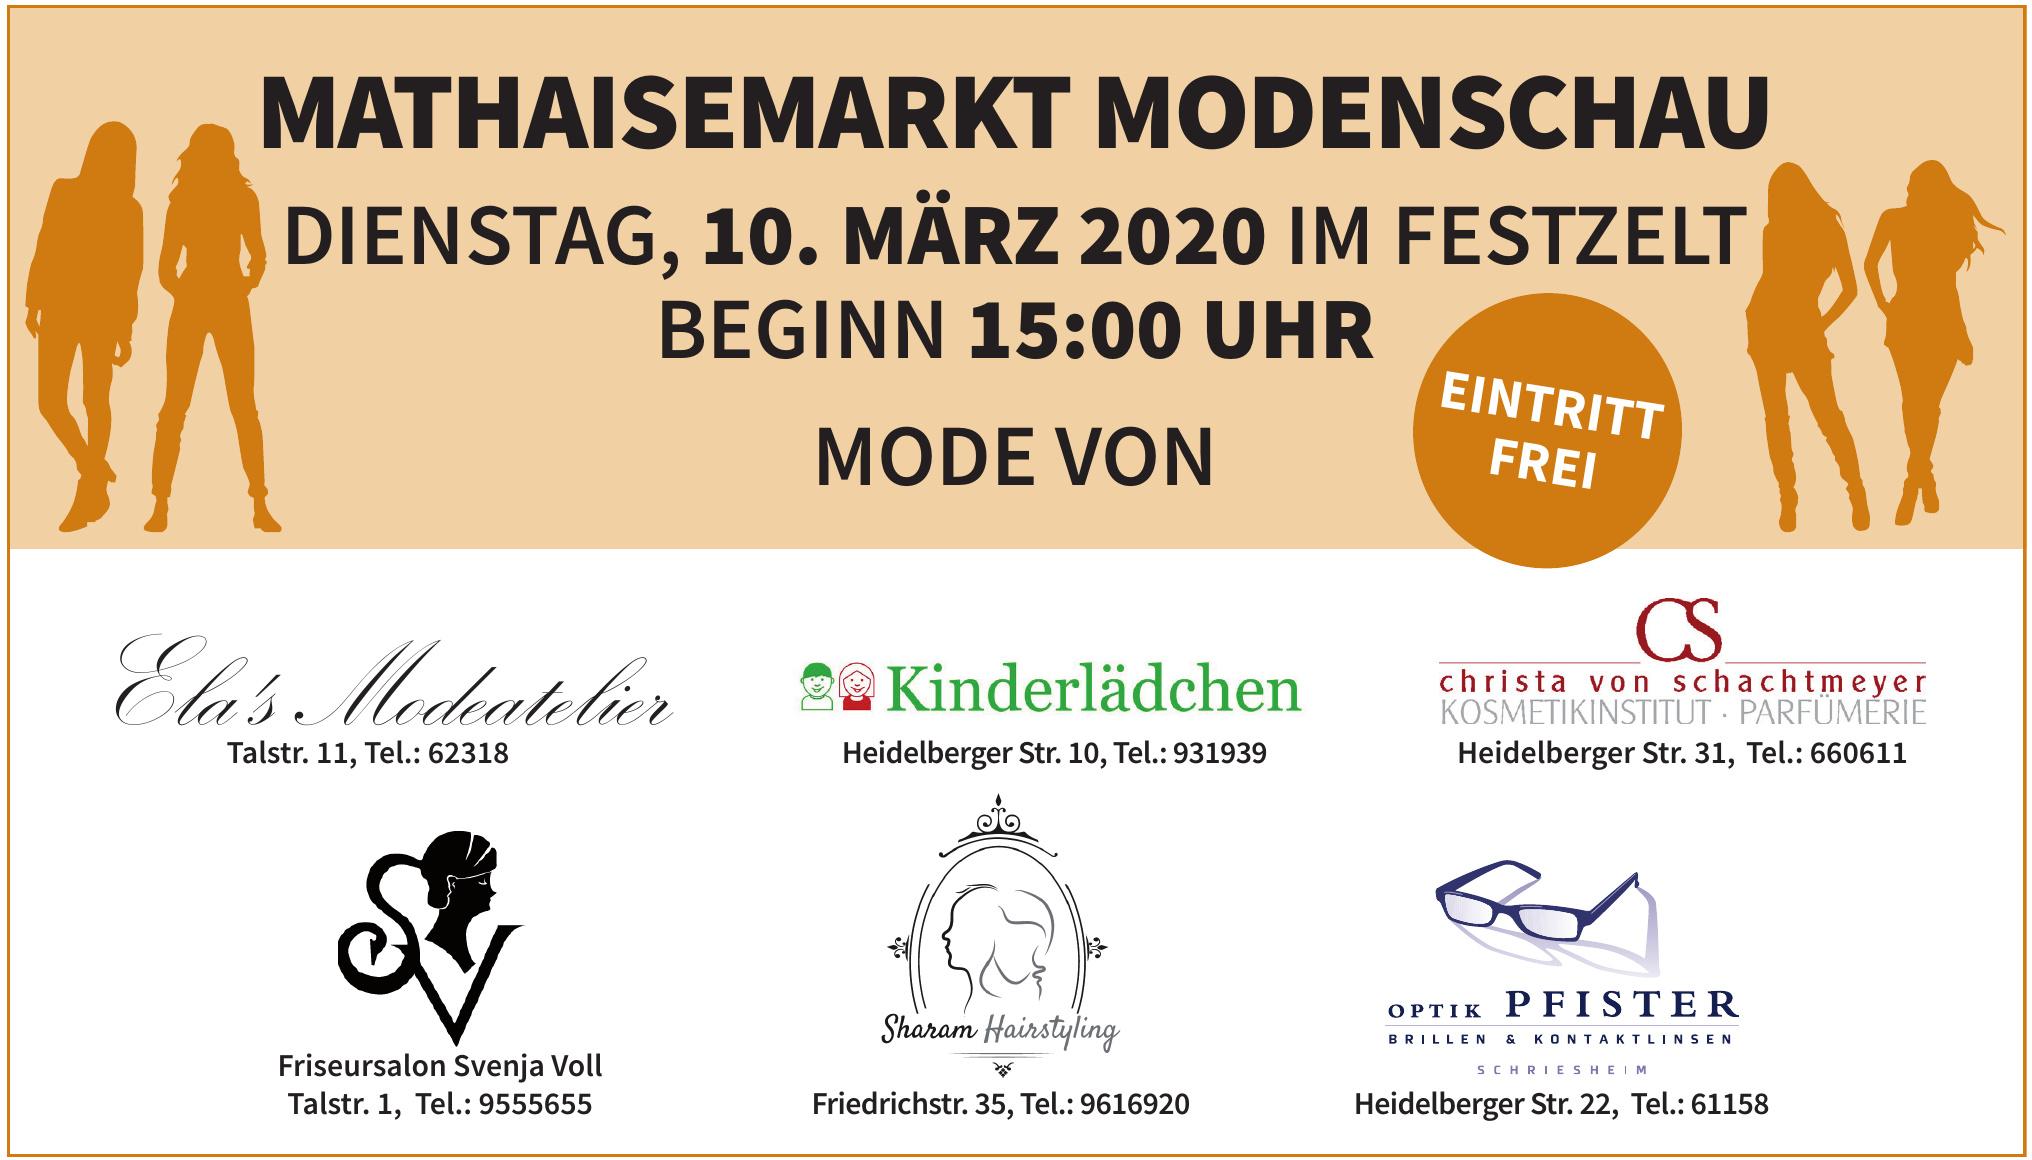 Mathaisemarkt Modenschau